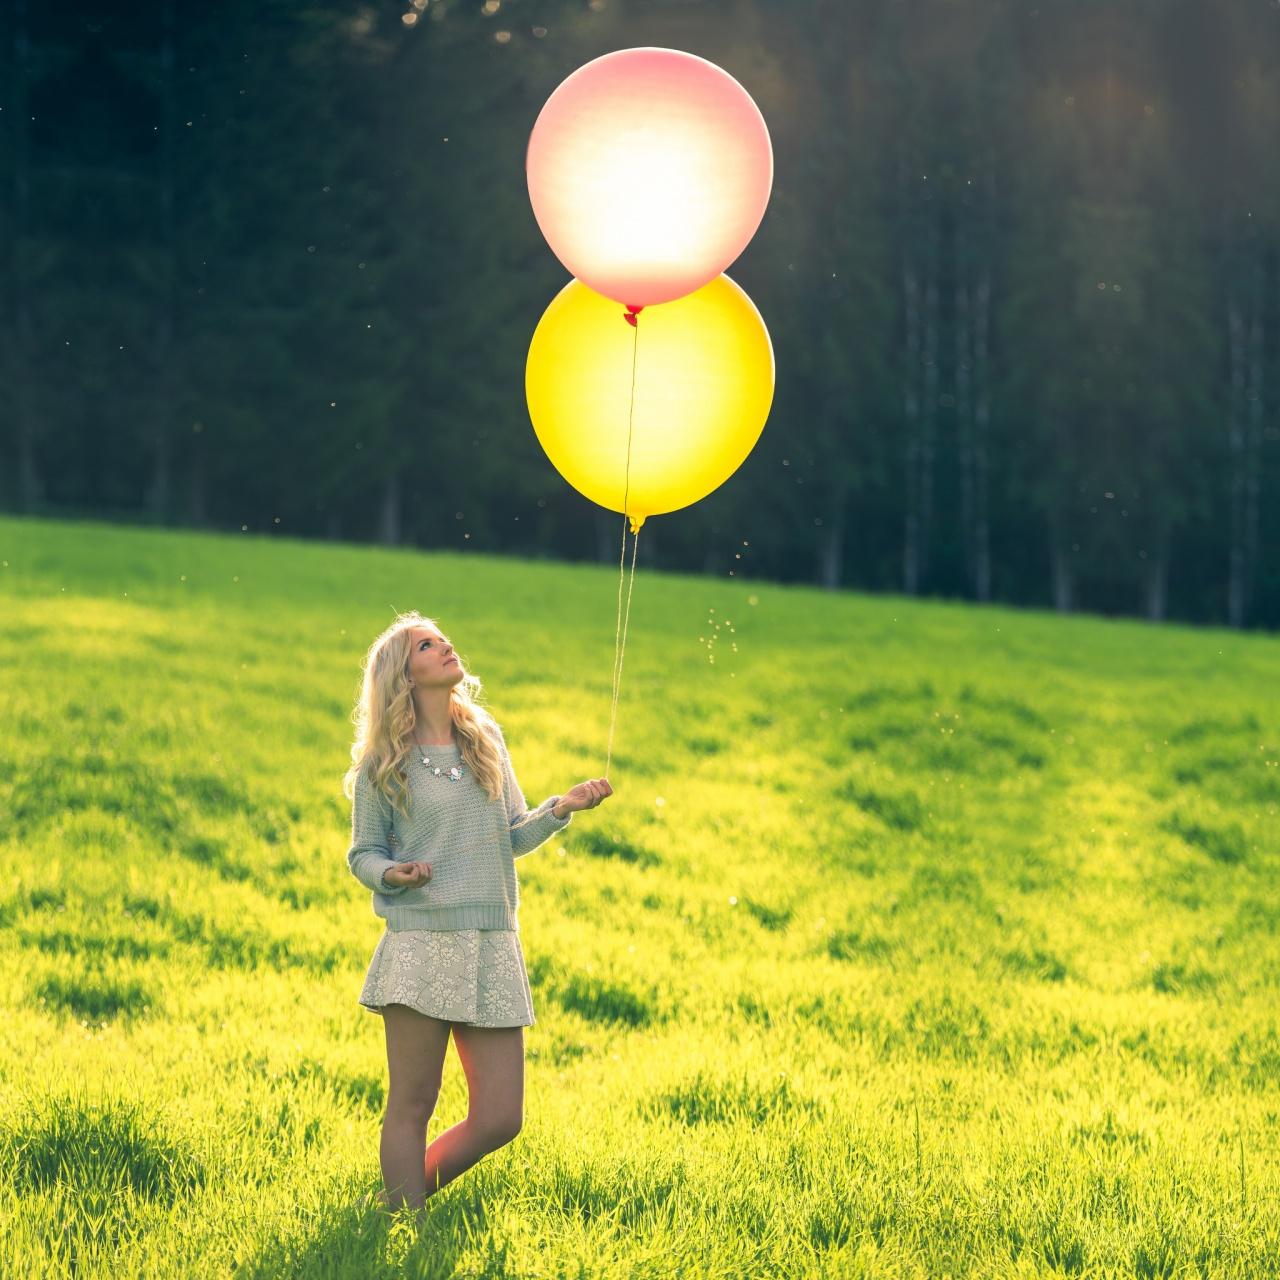 Balloon portrait